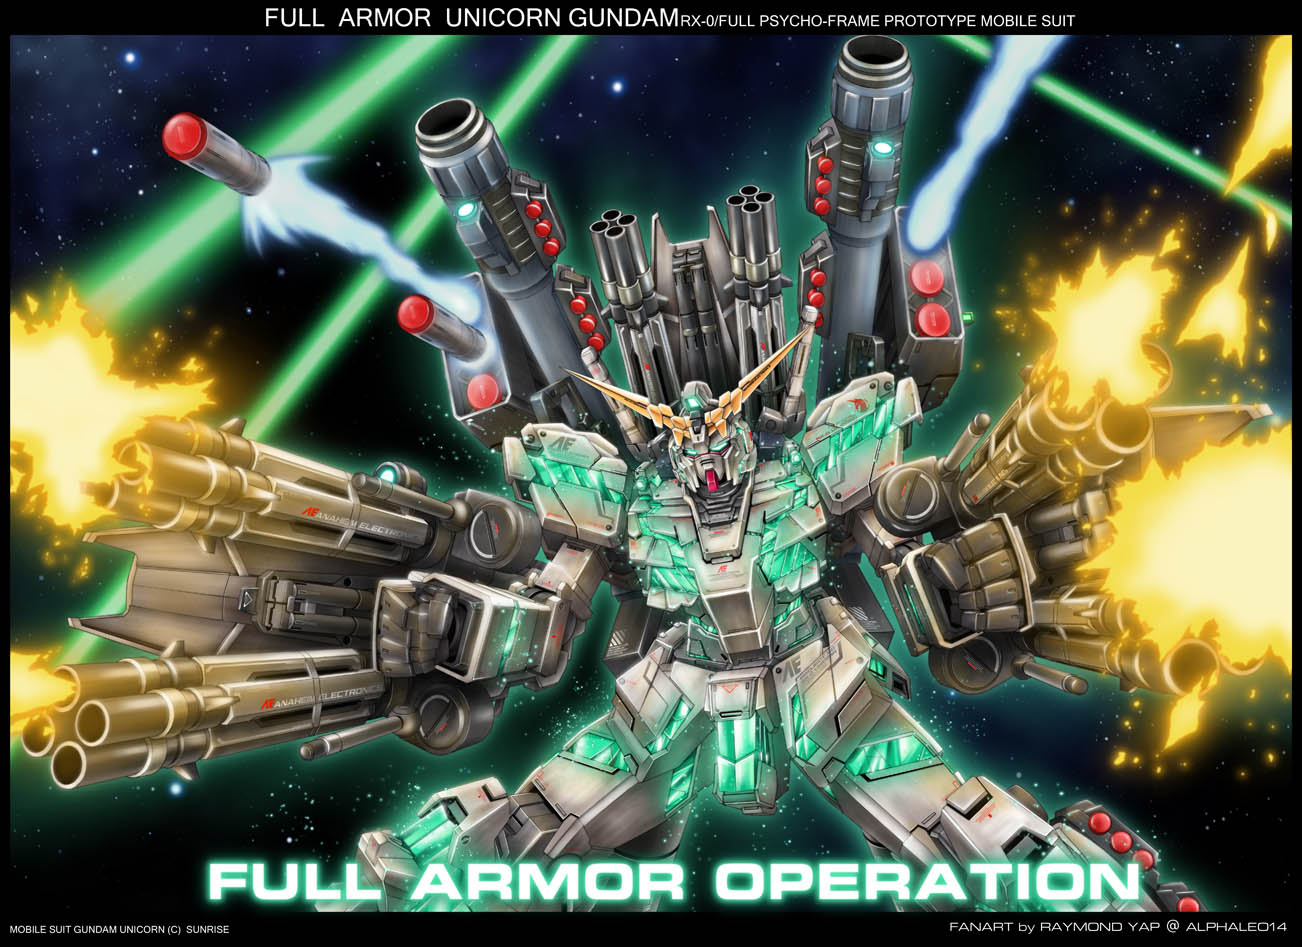 Full Armor Unicorn Gundam addon